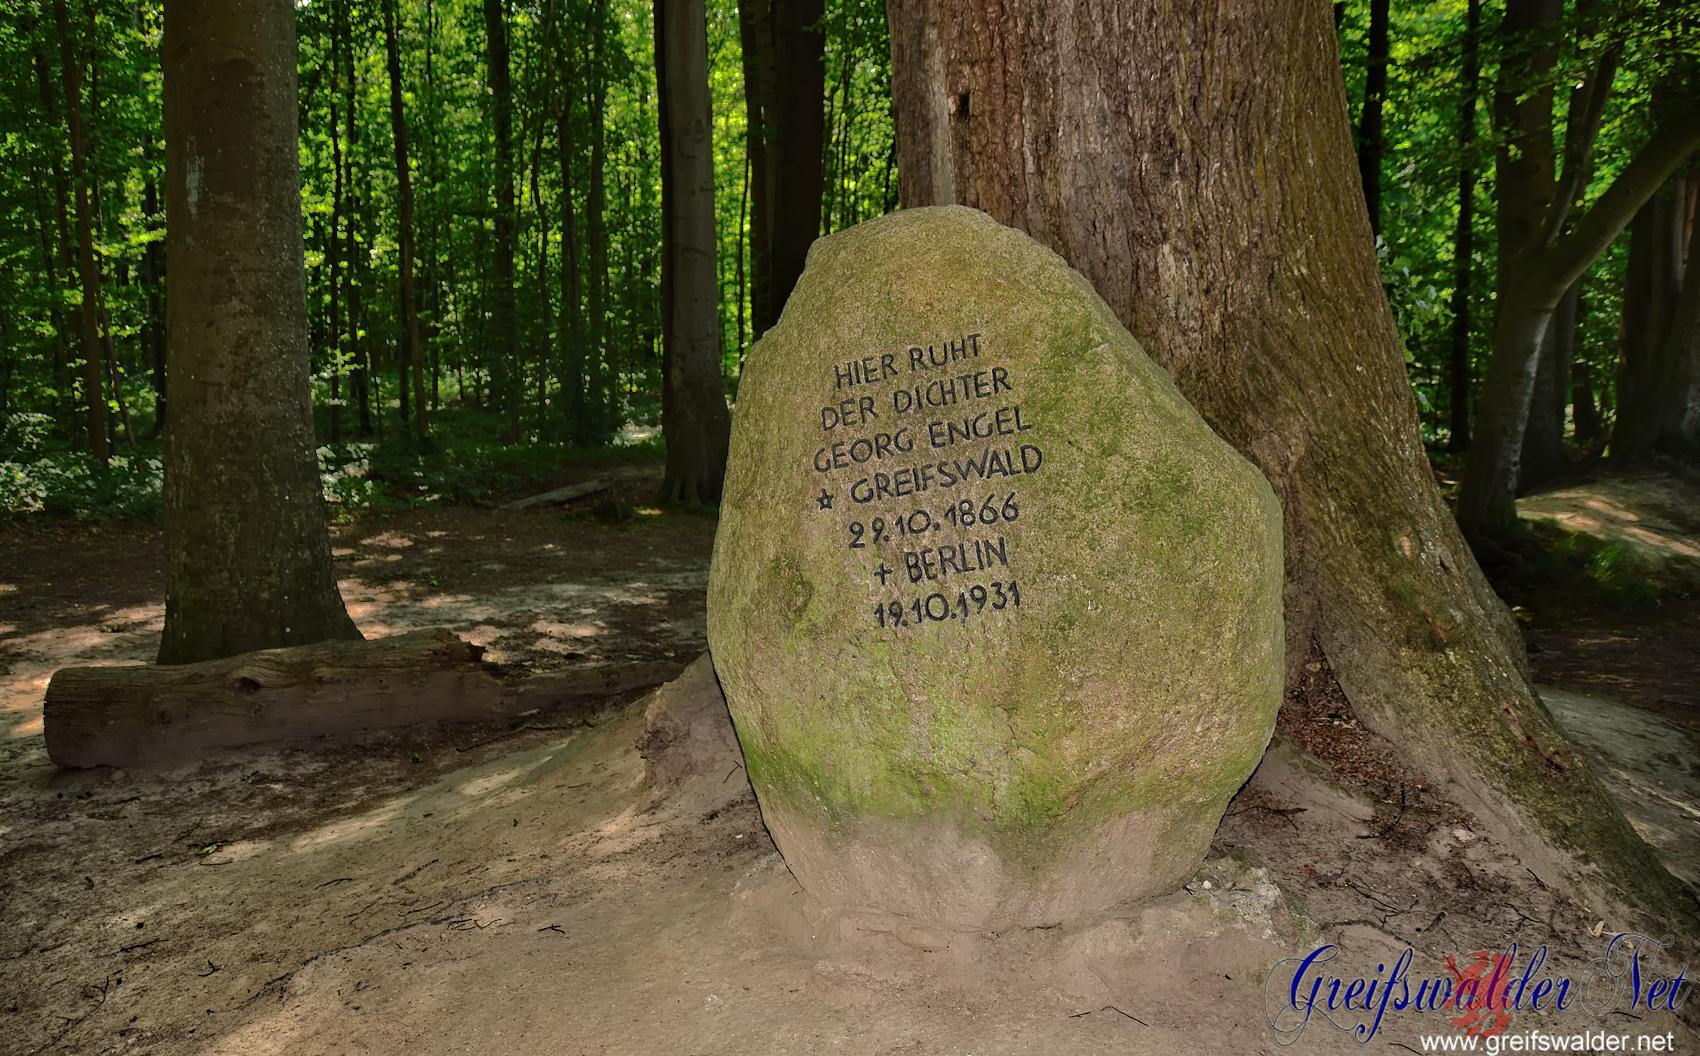 Grabstein von Georg Engel im Elisenhain